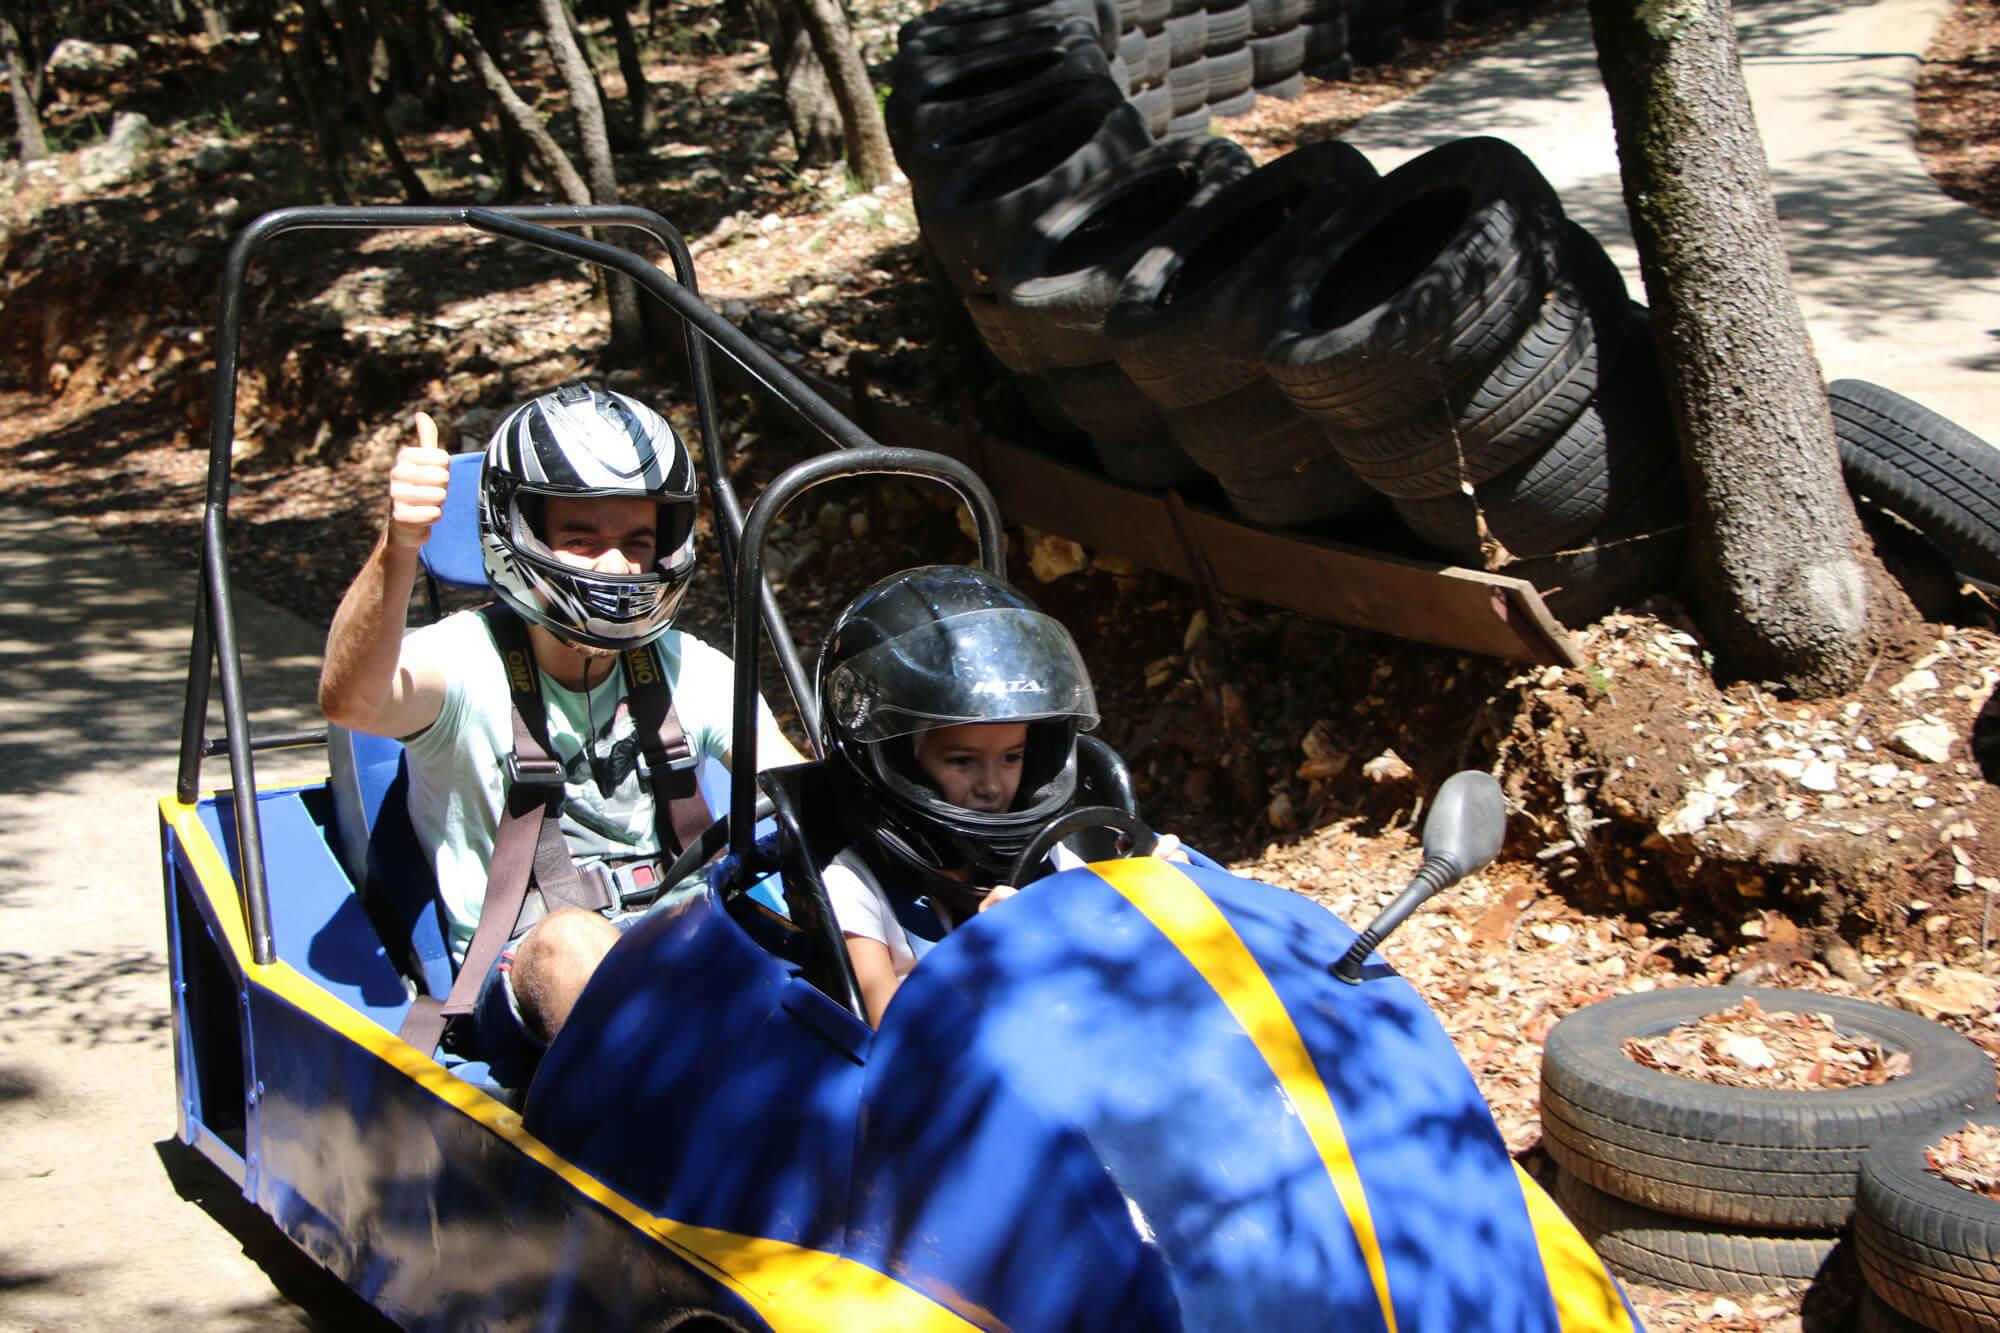 vehicule sans moteur loisirs enfants activite plein air au pays des carrioles la boissiere